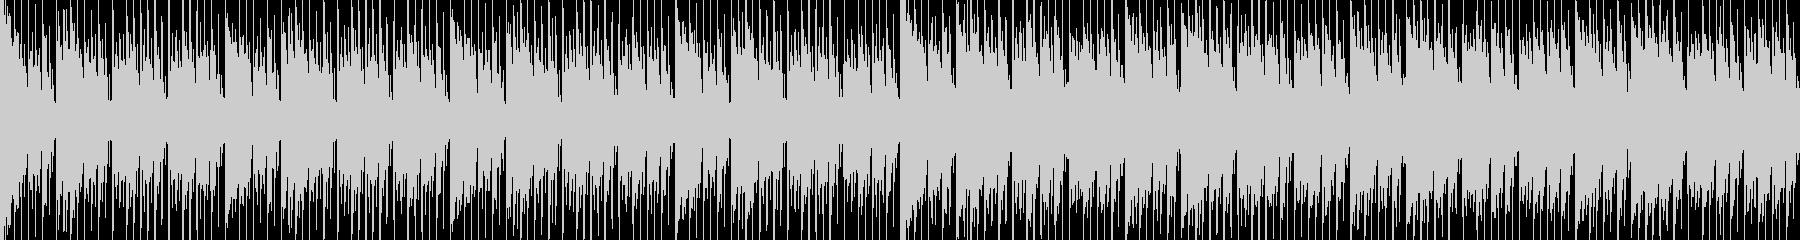 EDMクラブ系ダンスミュージック-125の未再生の波形